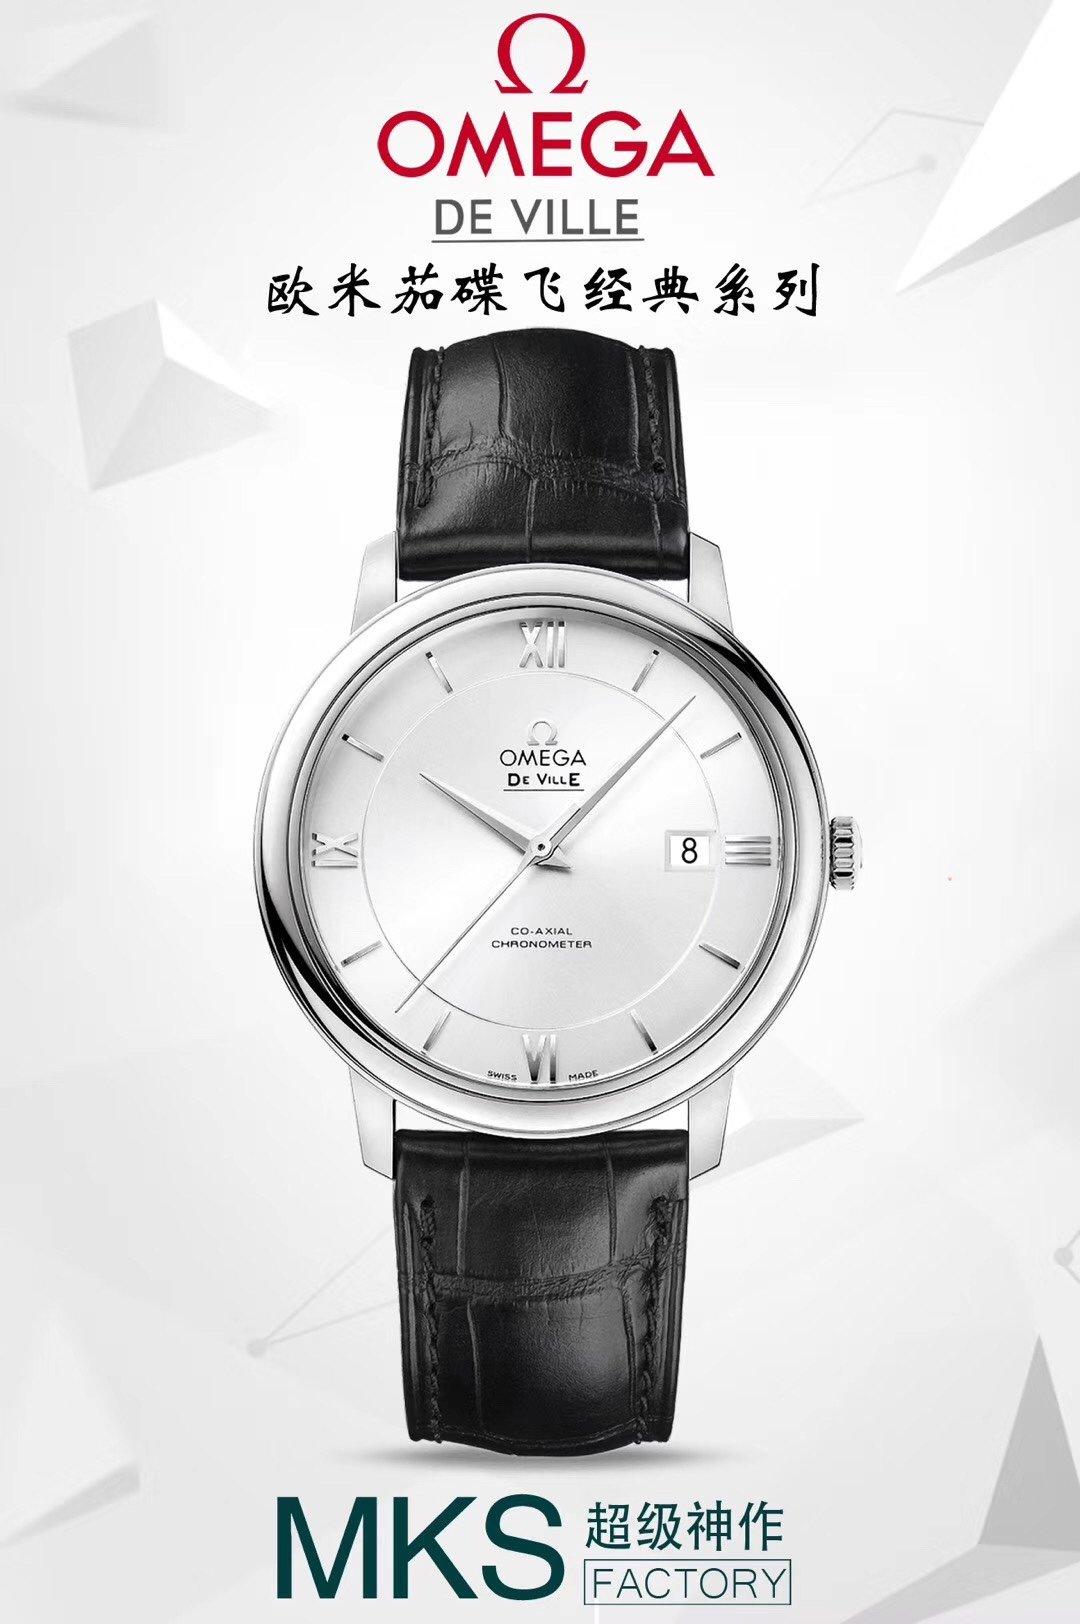 MKS欧米茄碟飞系列腕表优雅纤薄的外